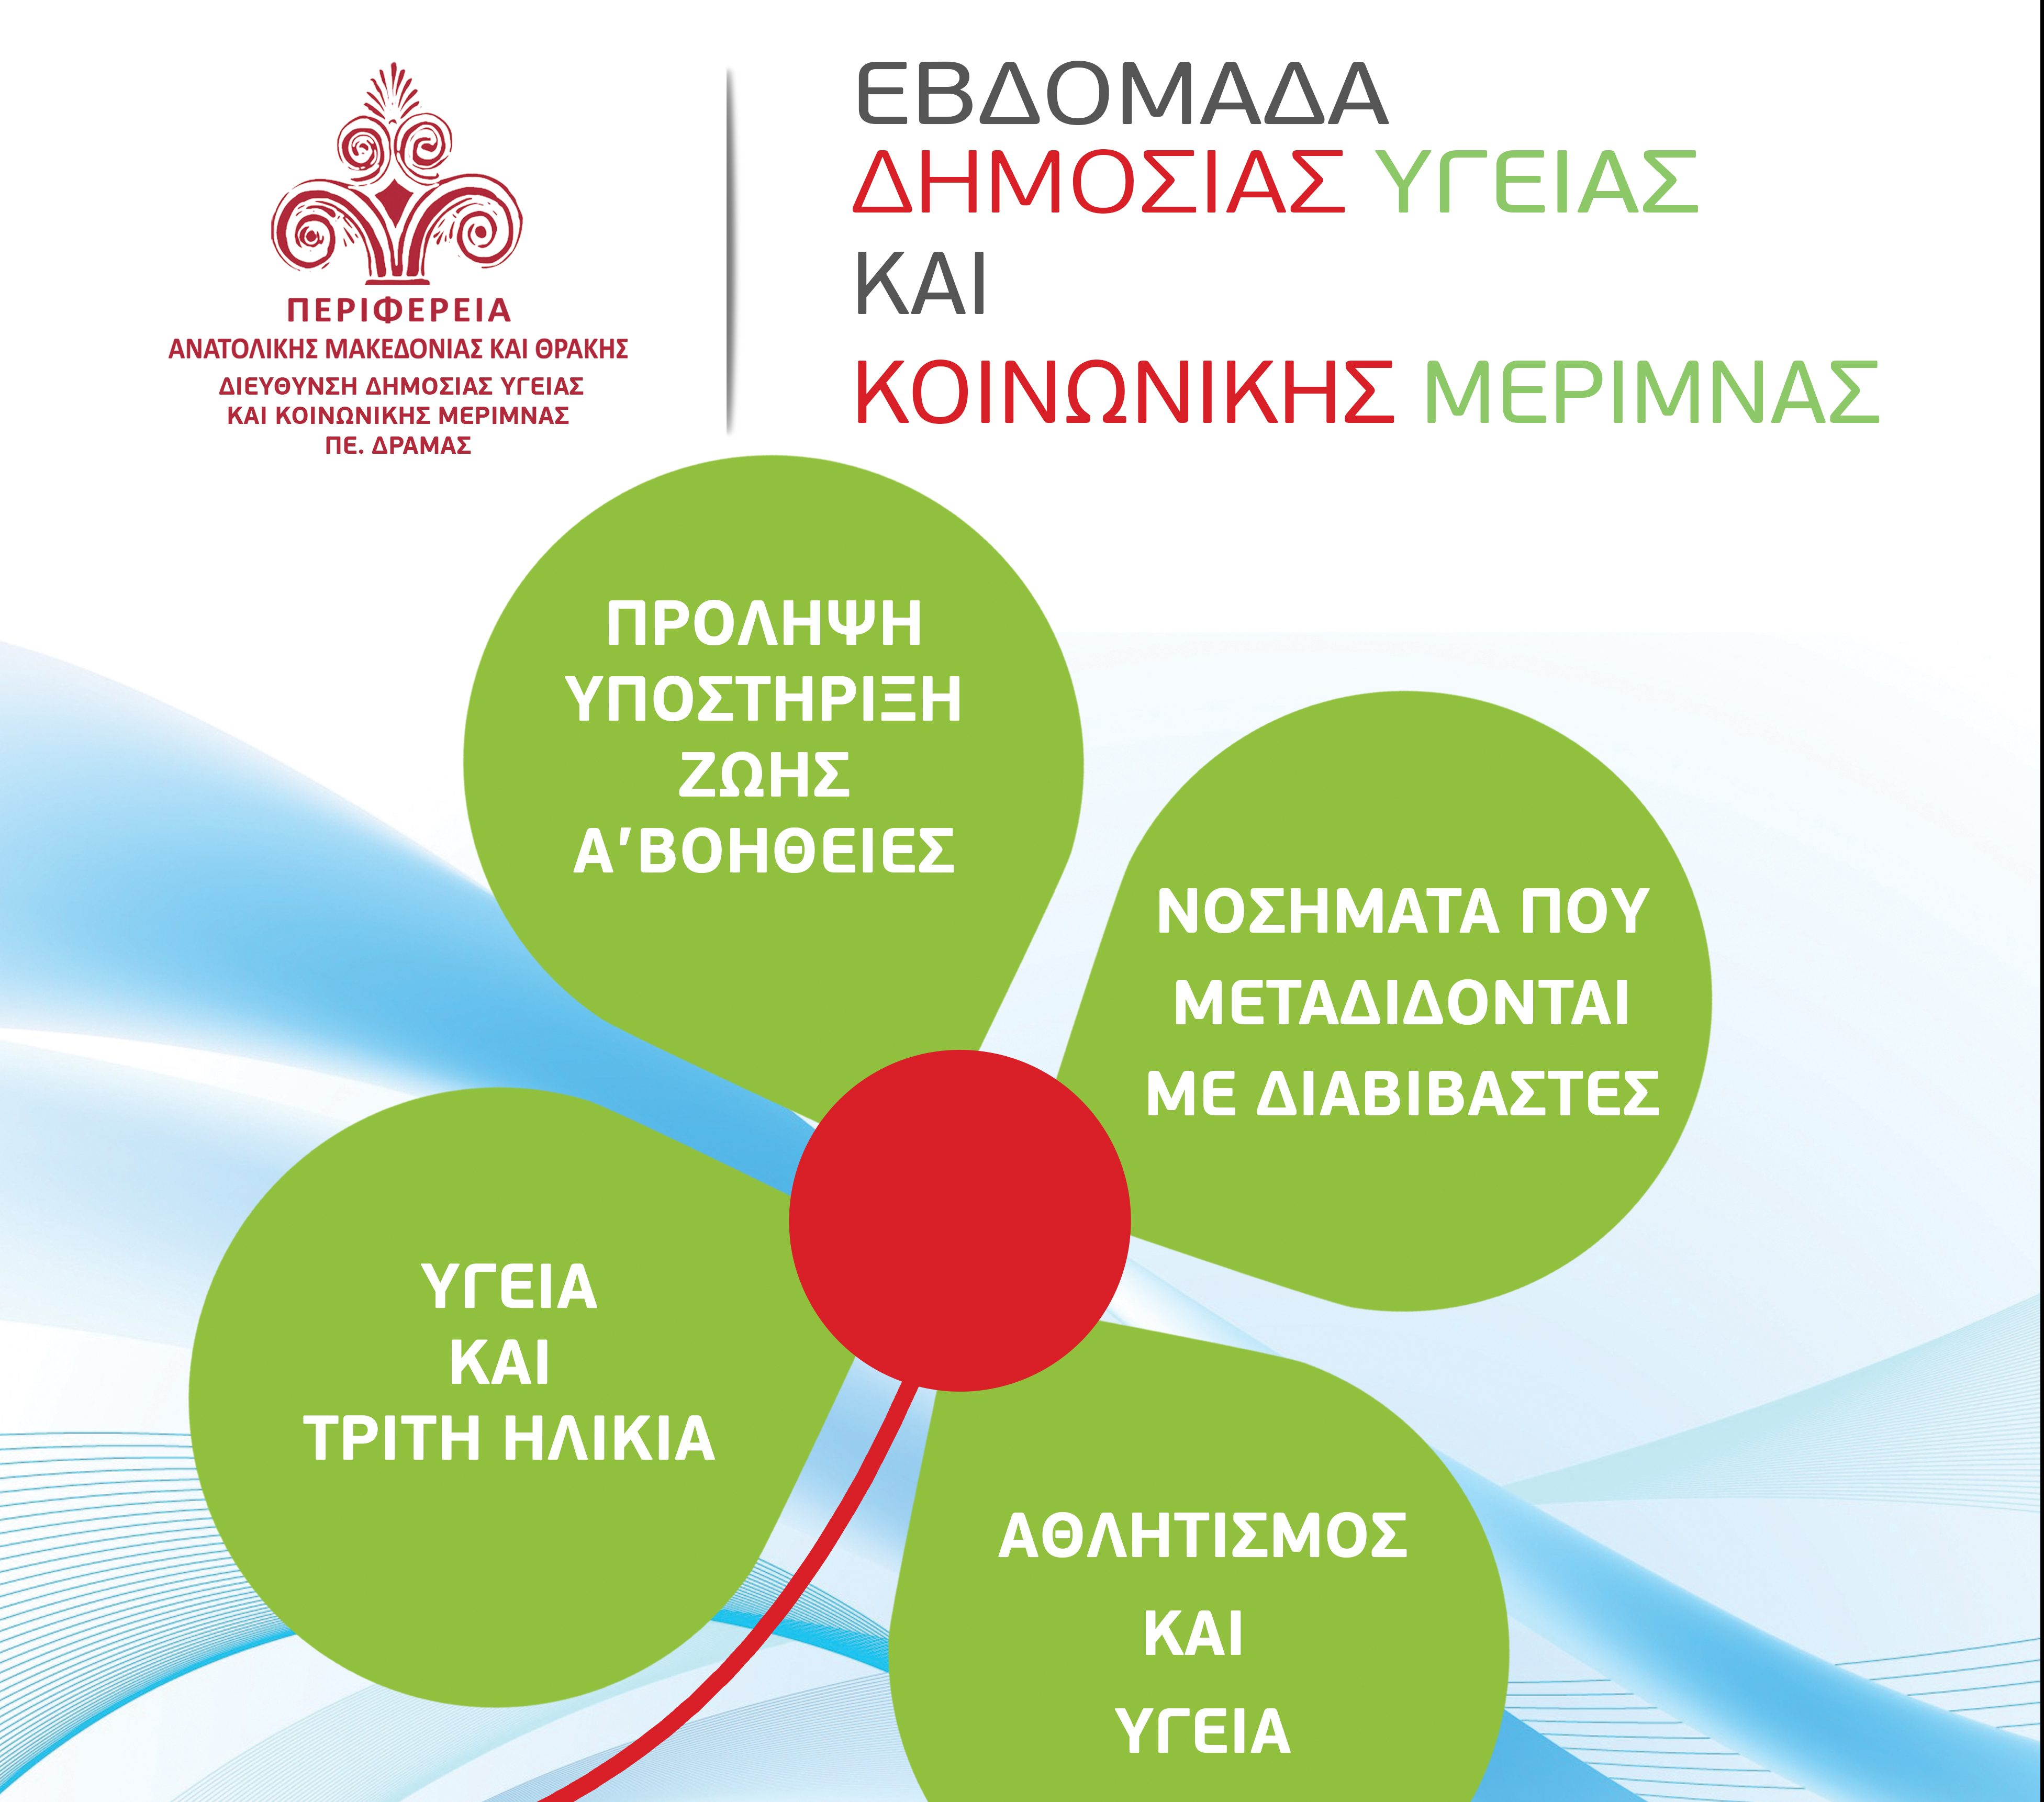 Ανάπτυξη δραστηριοτήτων για τη δημόσια υγεία (σεμινάρια, ημερίδες, ενημερωτικό υλικό), σε συνεργασία με του ∆ήμους της Π.Ε. ∆ράμας, τη ∆ευτεροβάθμια 10 Απριλίου 2019 Εκπαίδευση ∆ράμας και την Ελληνική ∆ιασωστική Εθελοντική Ομάδα Ελλάδος